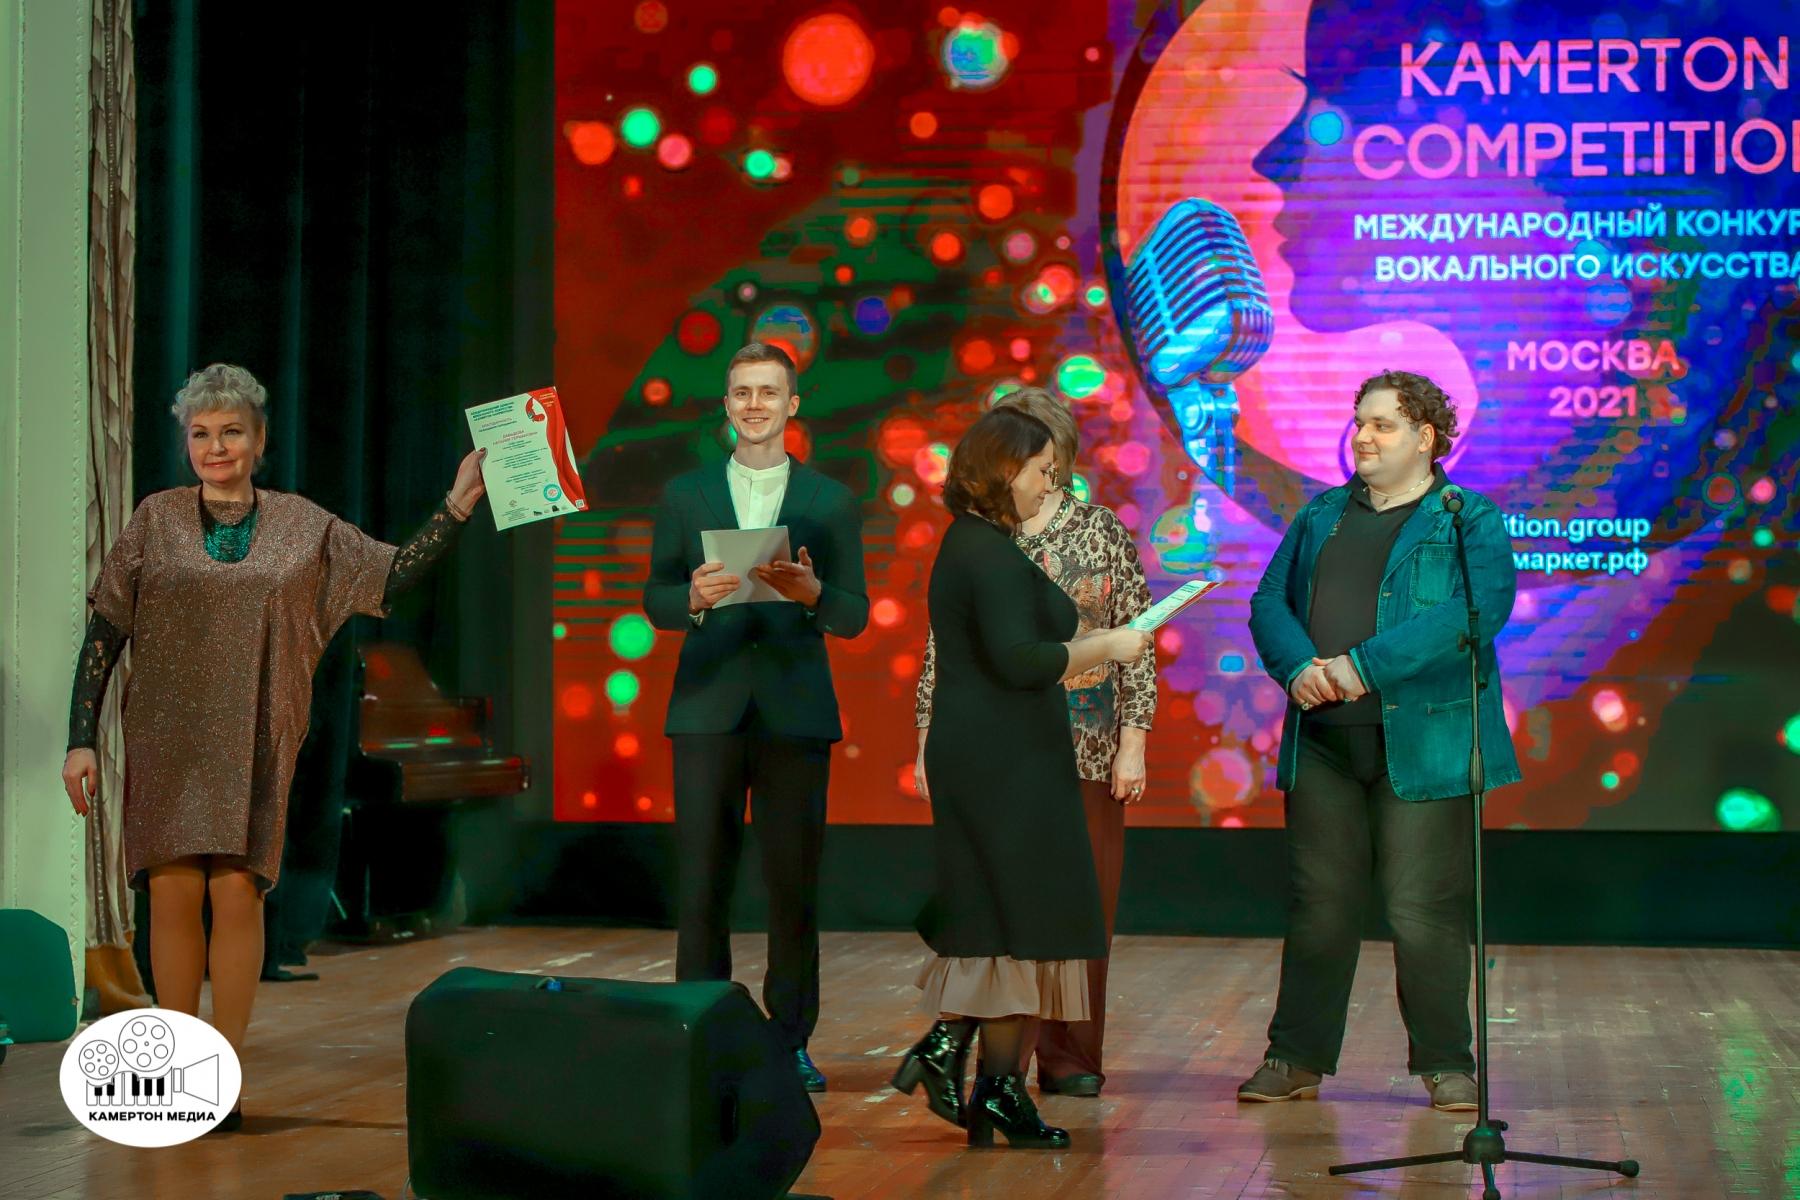 """Вокальный конкурс """"Камертон"""" 26.02.2021"""